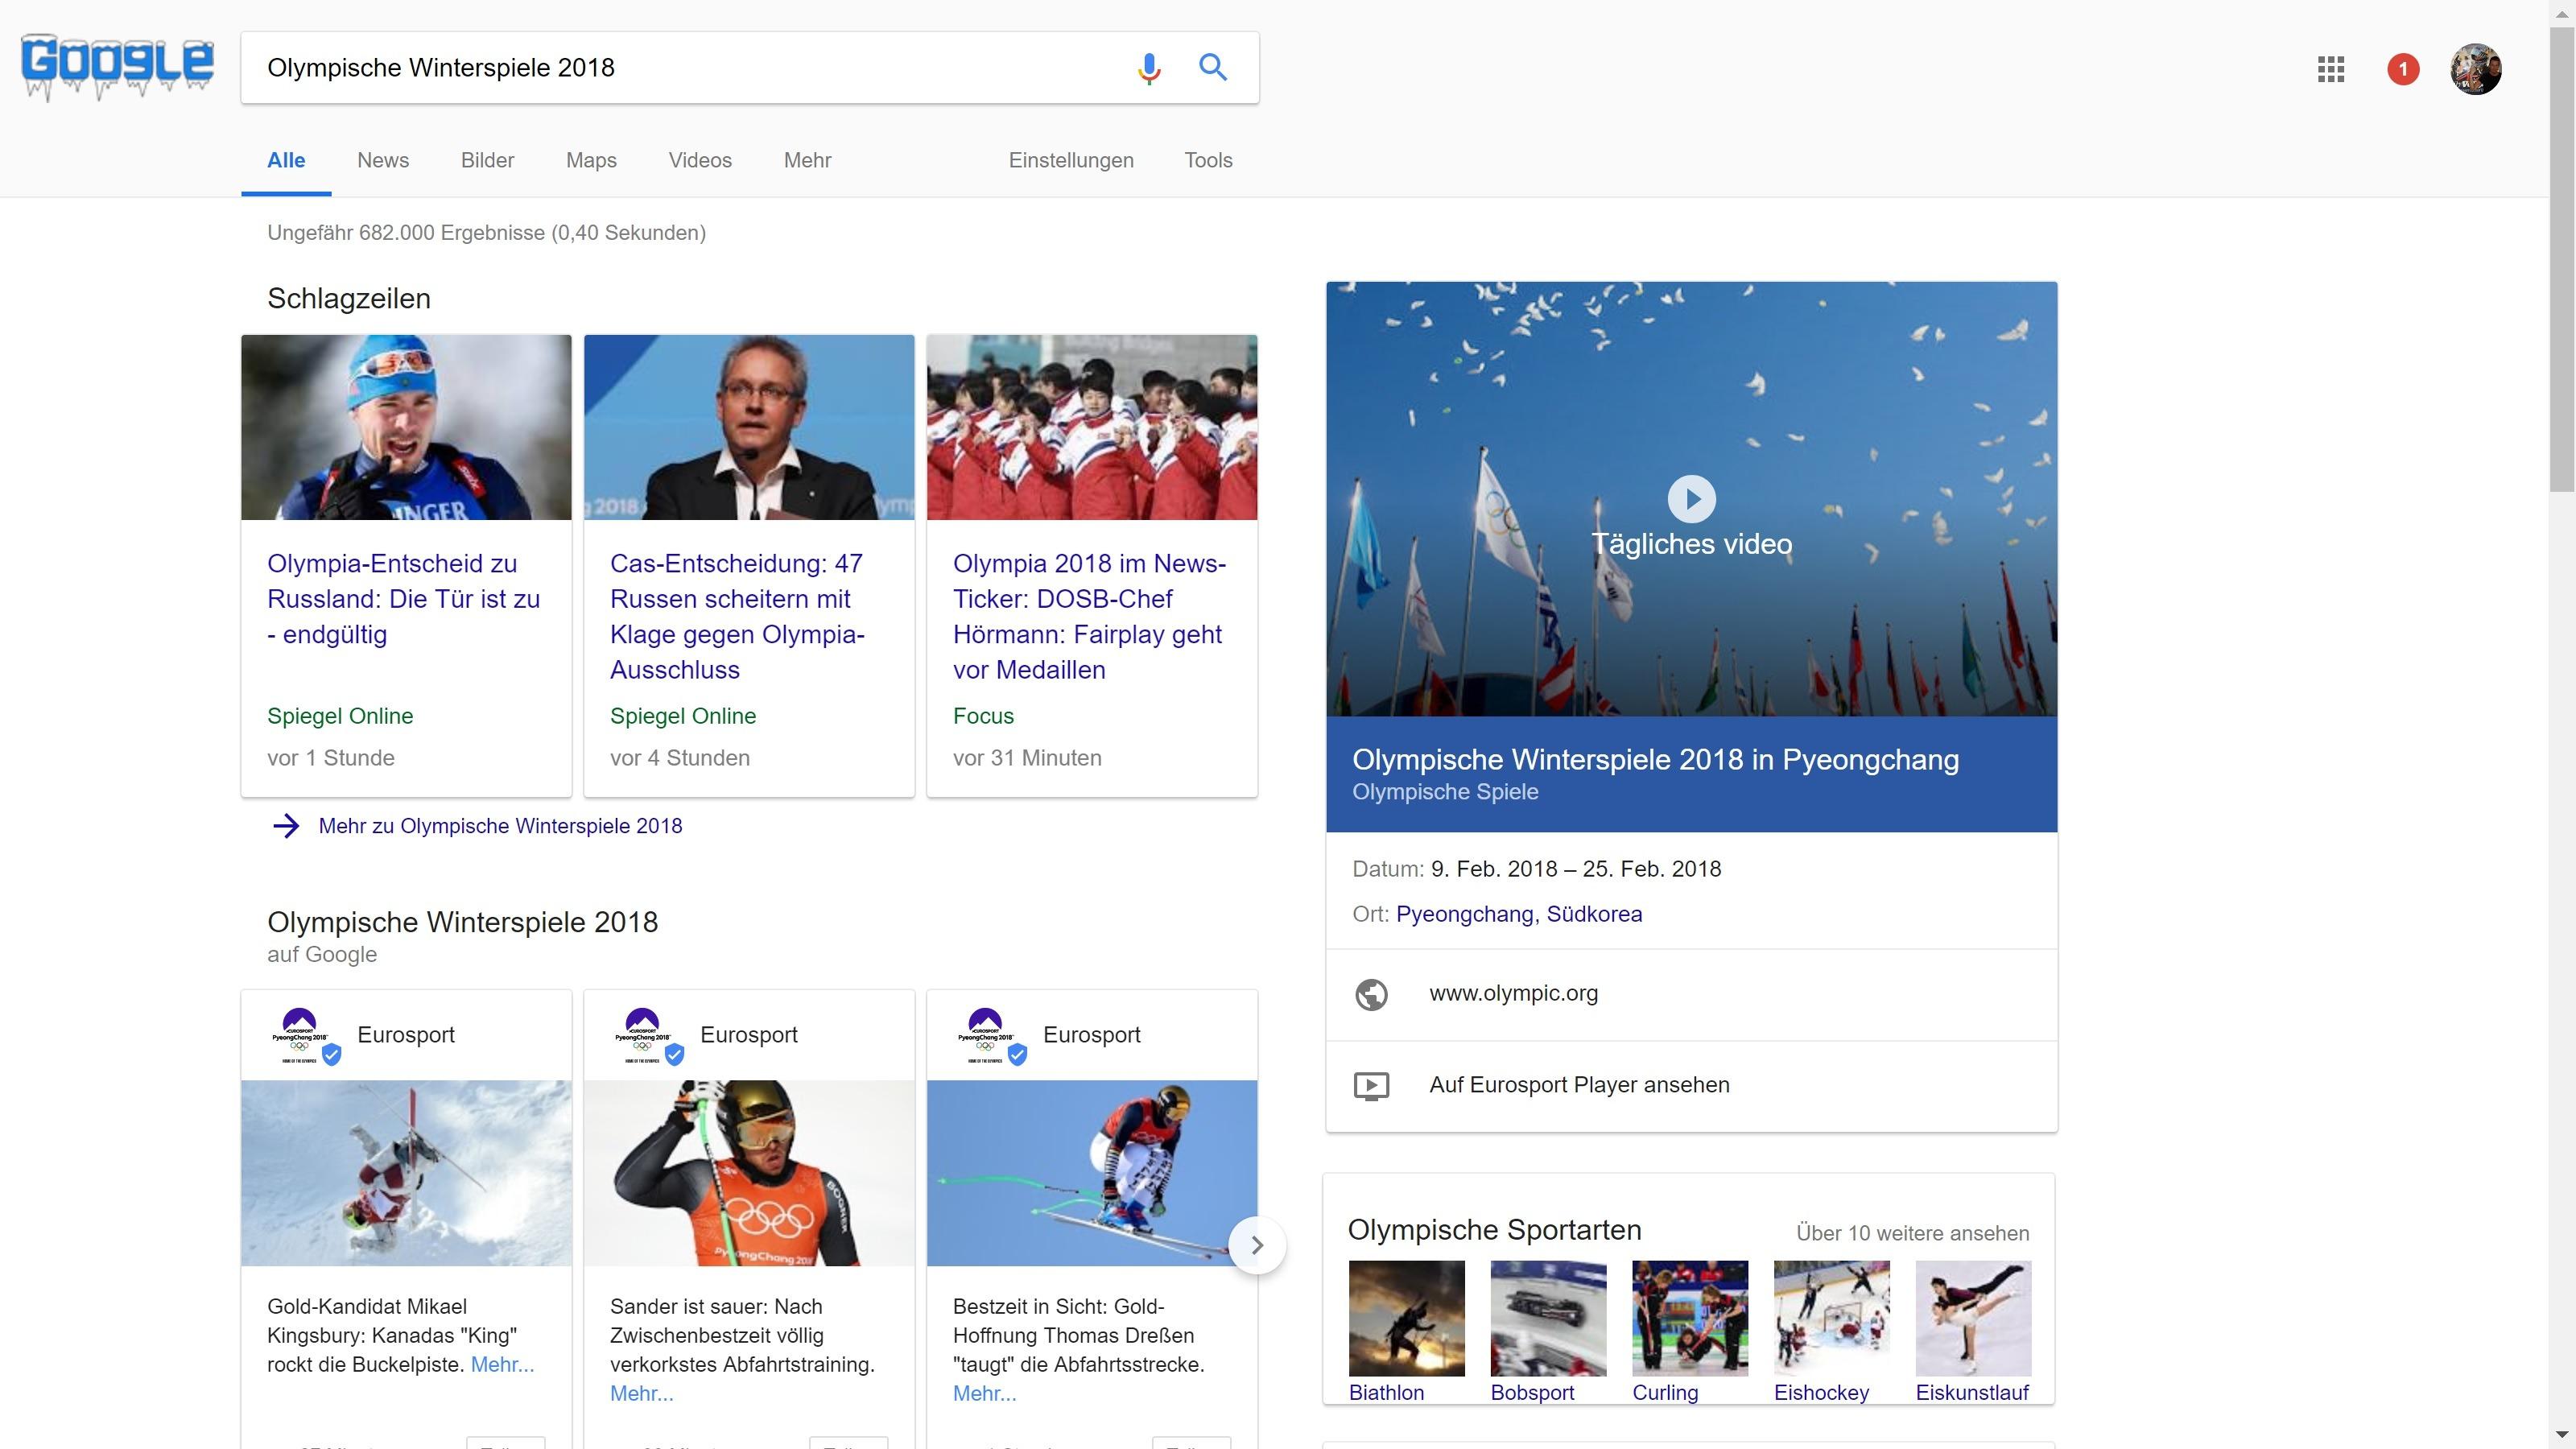 google olympische winterspiele 2018